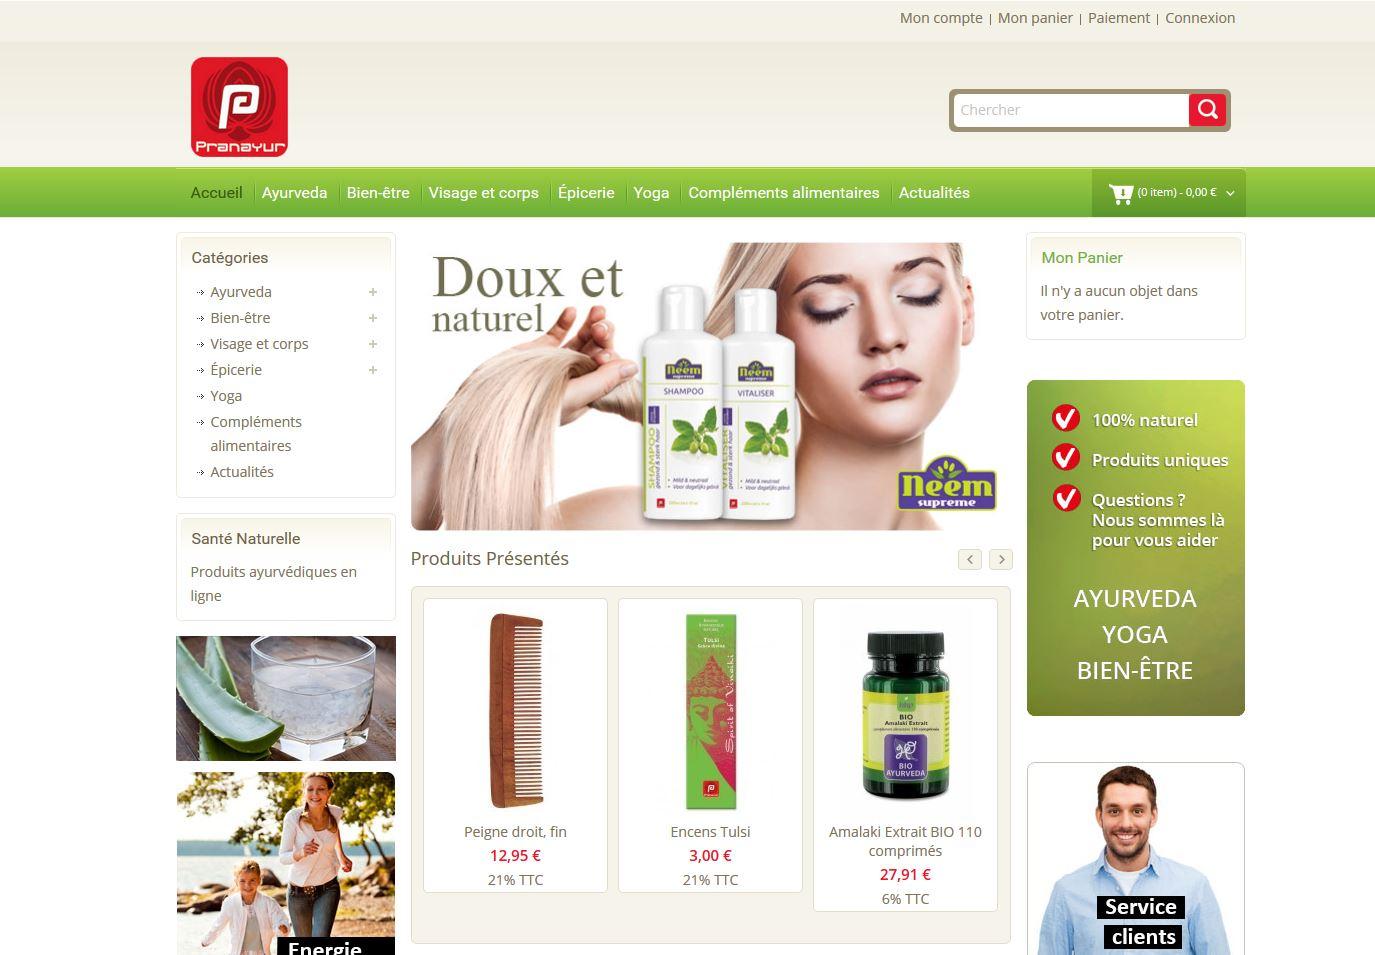 pranayur.fr boutique en ligne webshop jules dorval